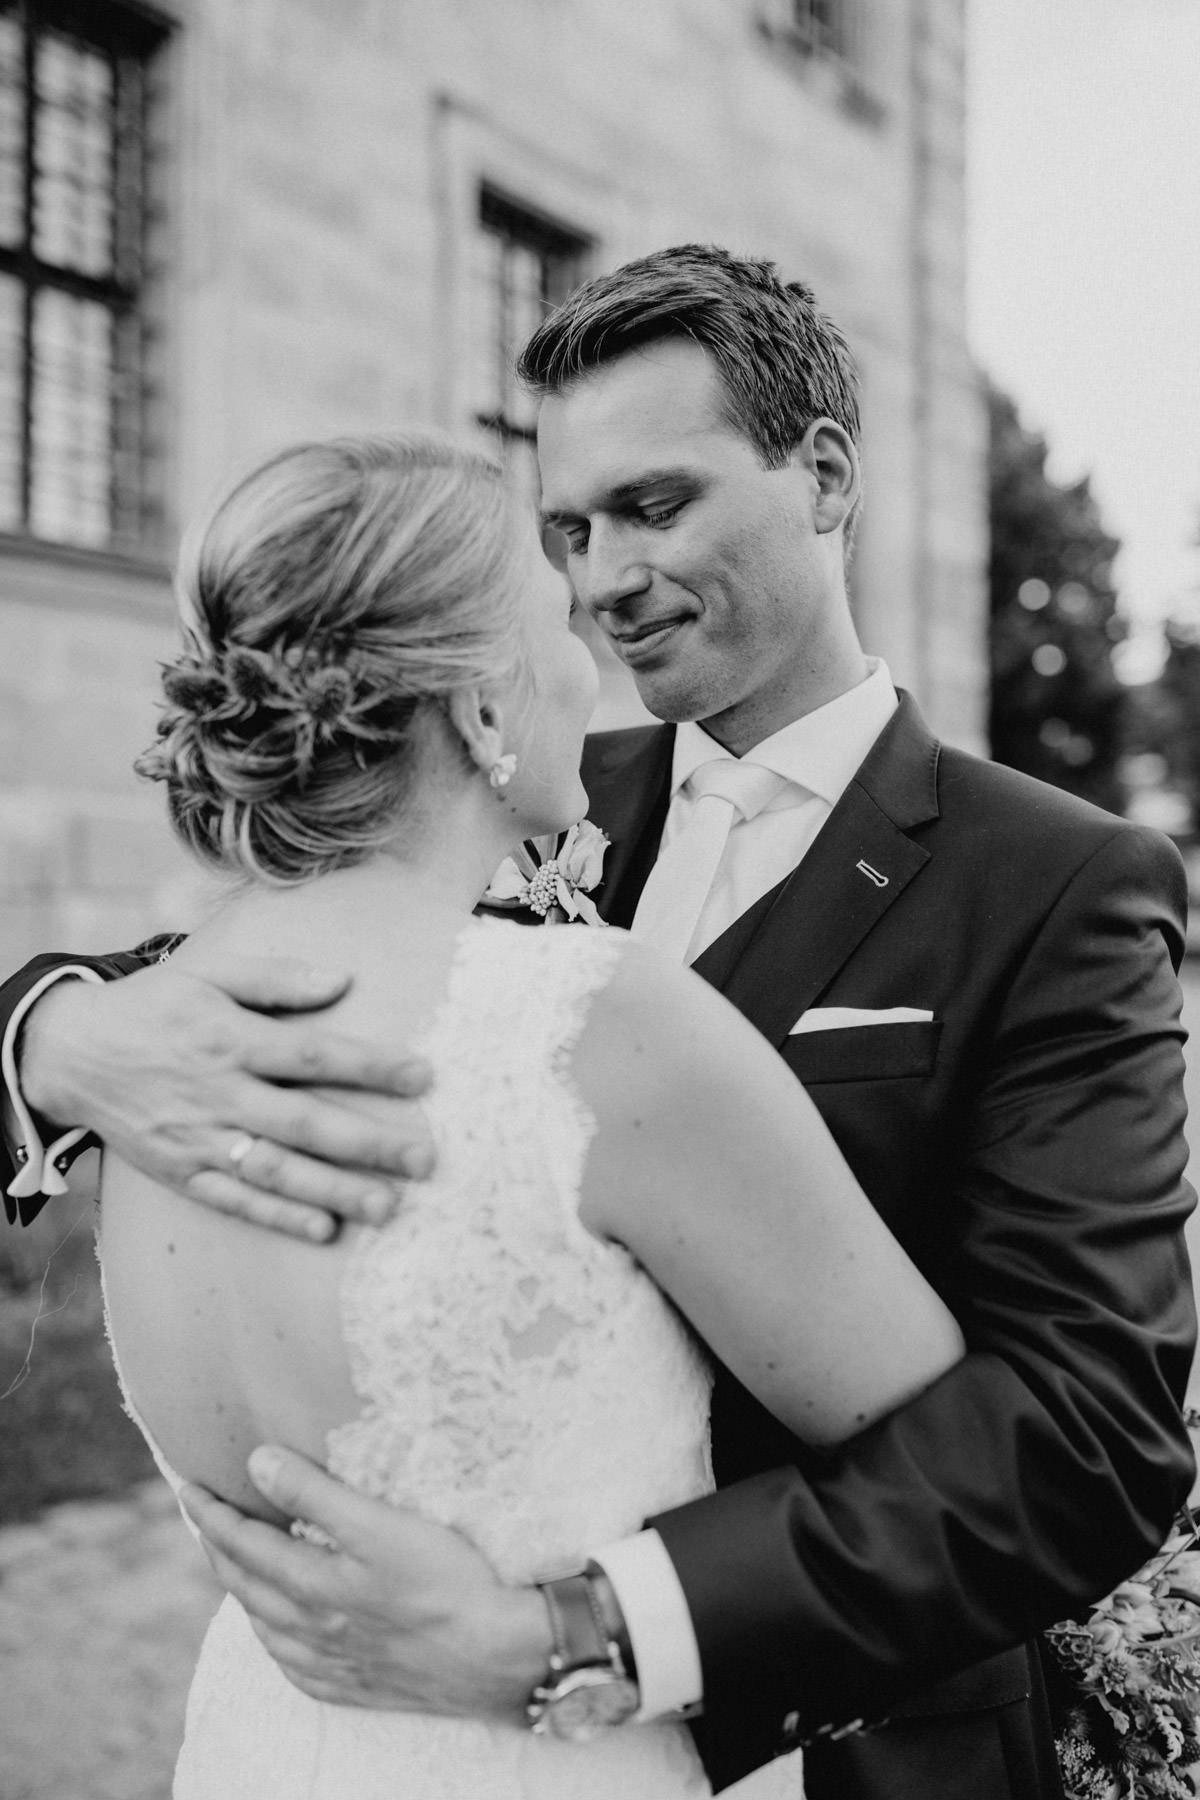 Emotionale Aufnahme von einem Paar an ihrem Hochzeitstag